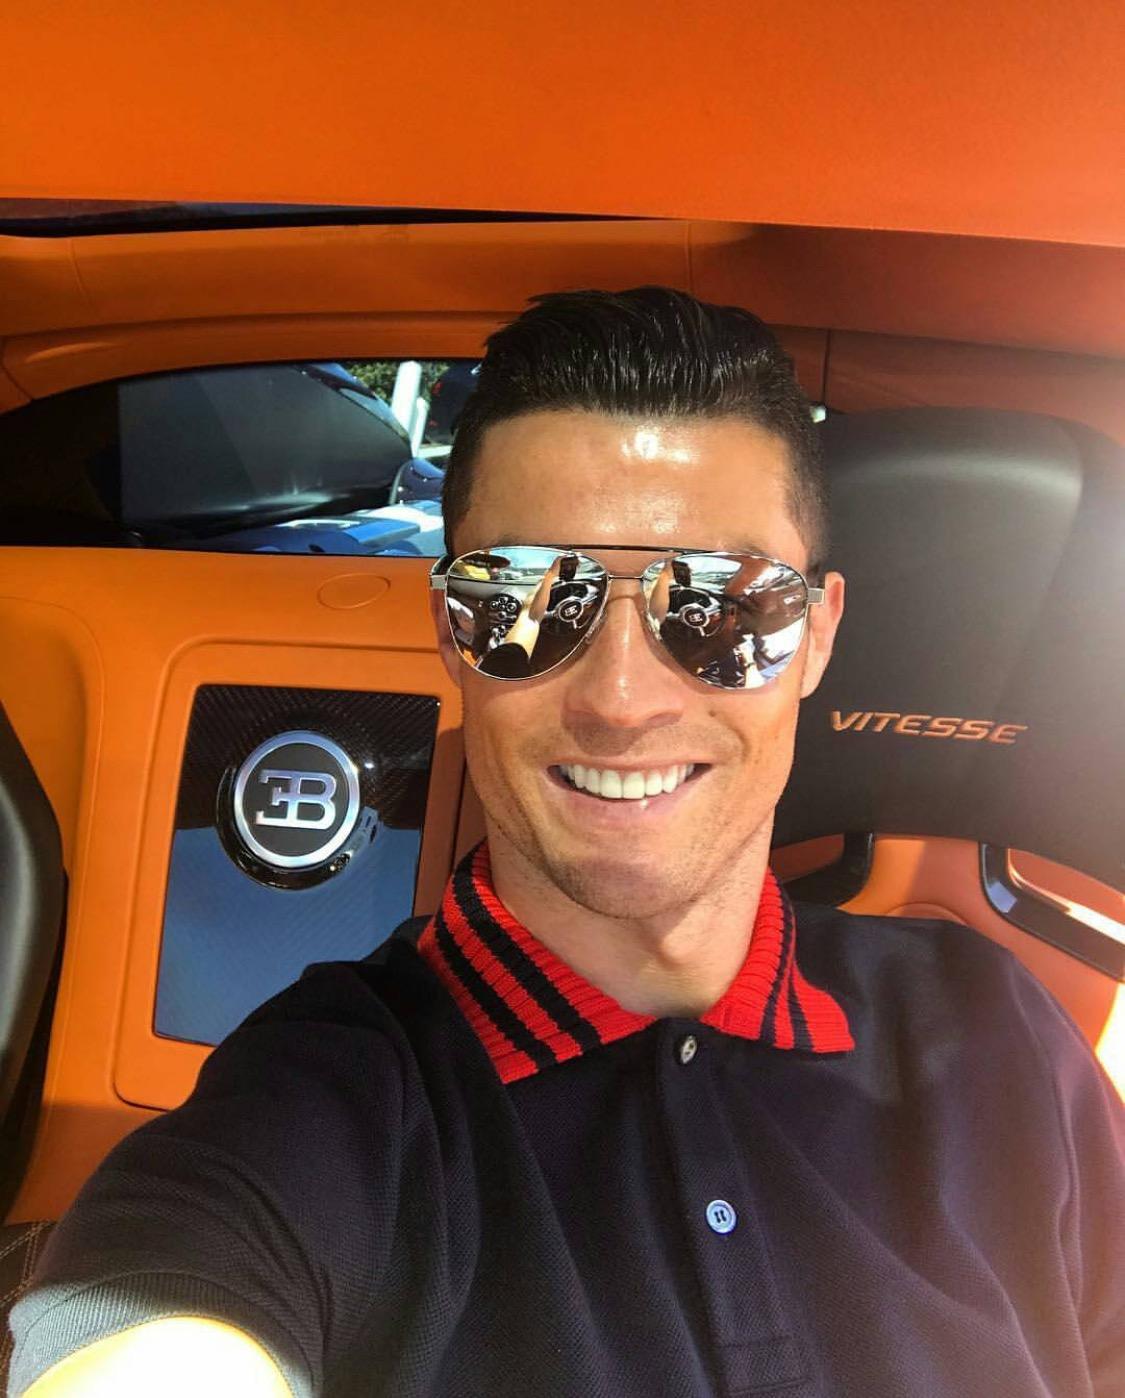 Cristiano Ronaldo ist ein 34jähriger Fußballspieler aus Portugal 05021985 in Funchal Portugal Cristiano Ronaldo spielt seit 2018 bei Juventus Turin Juve